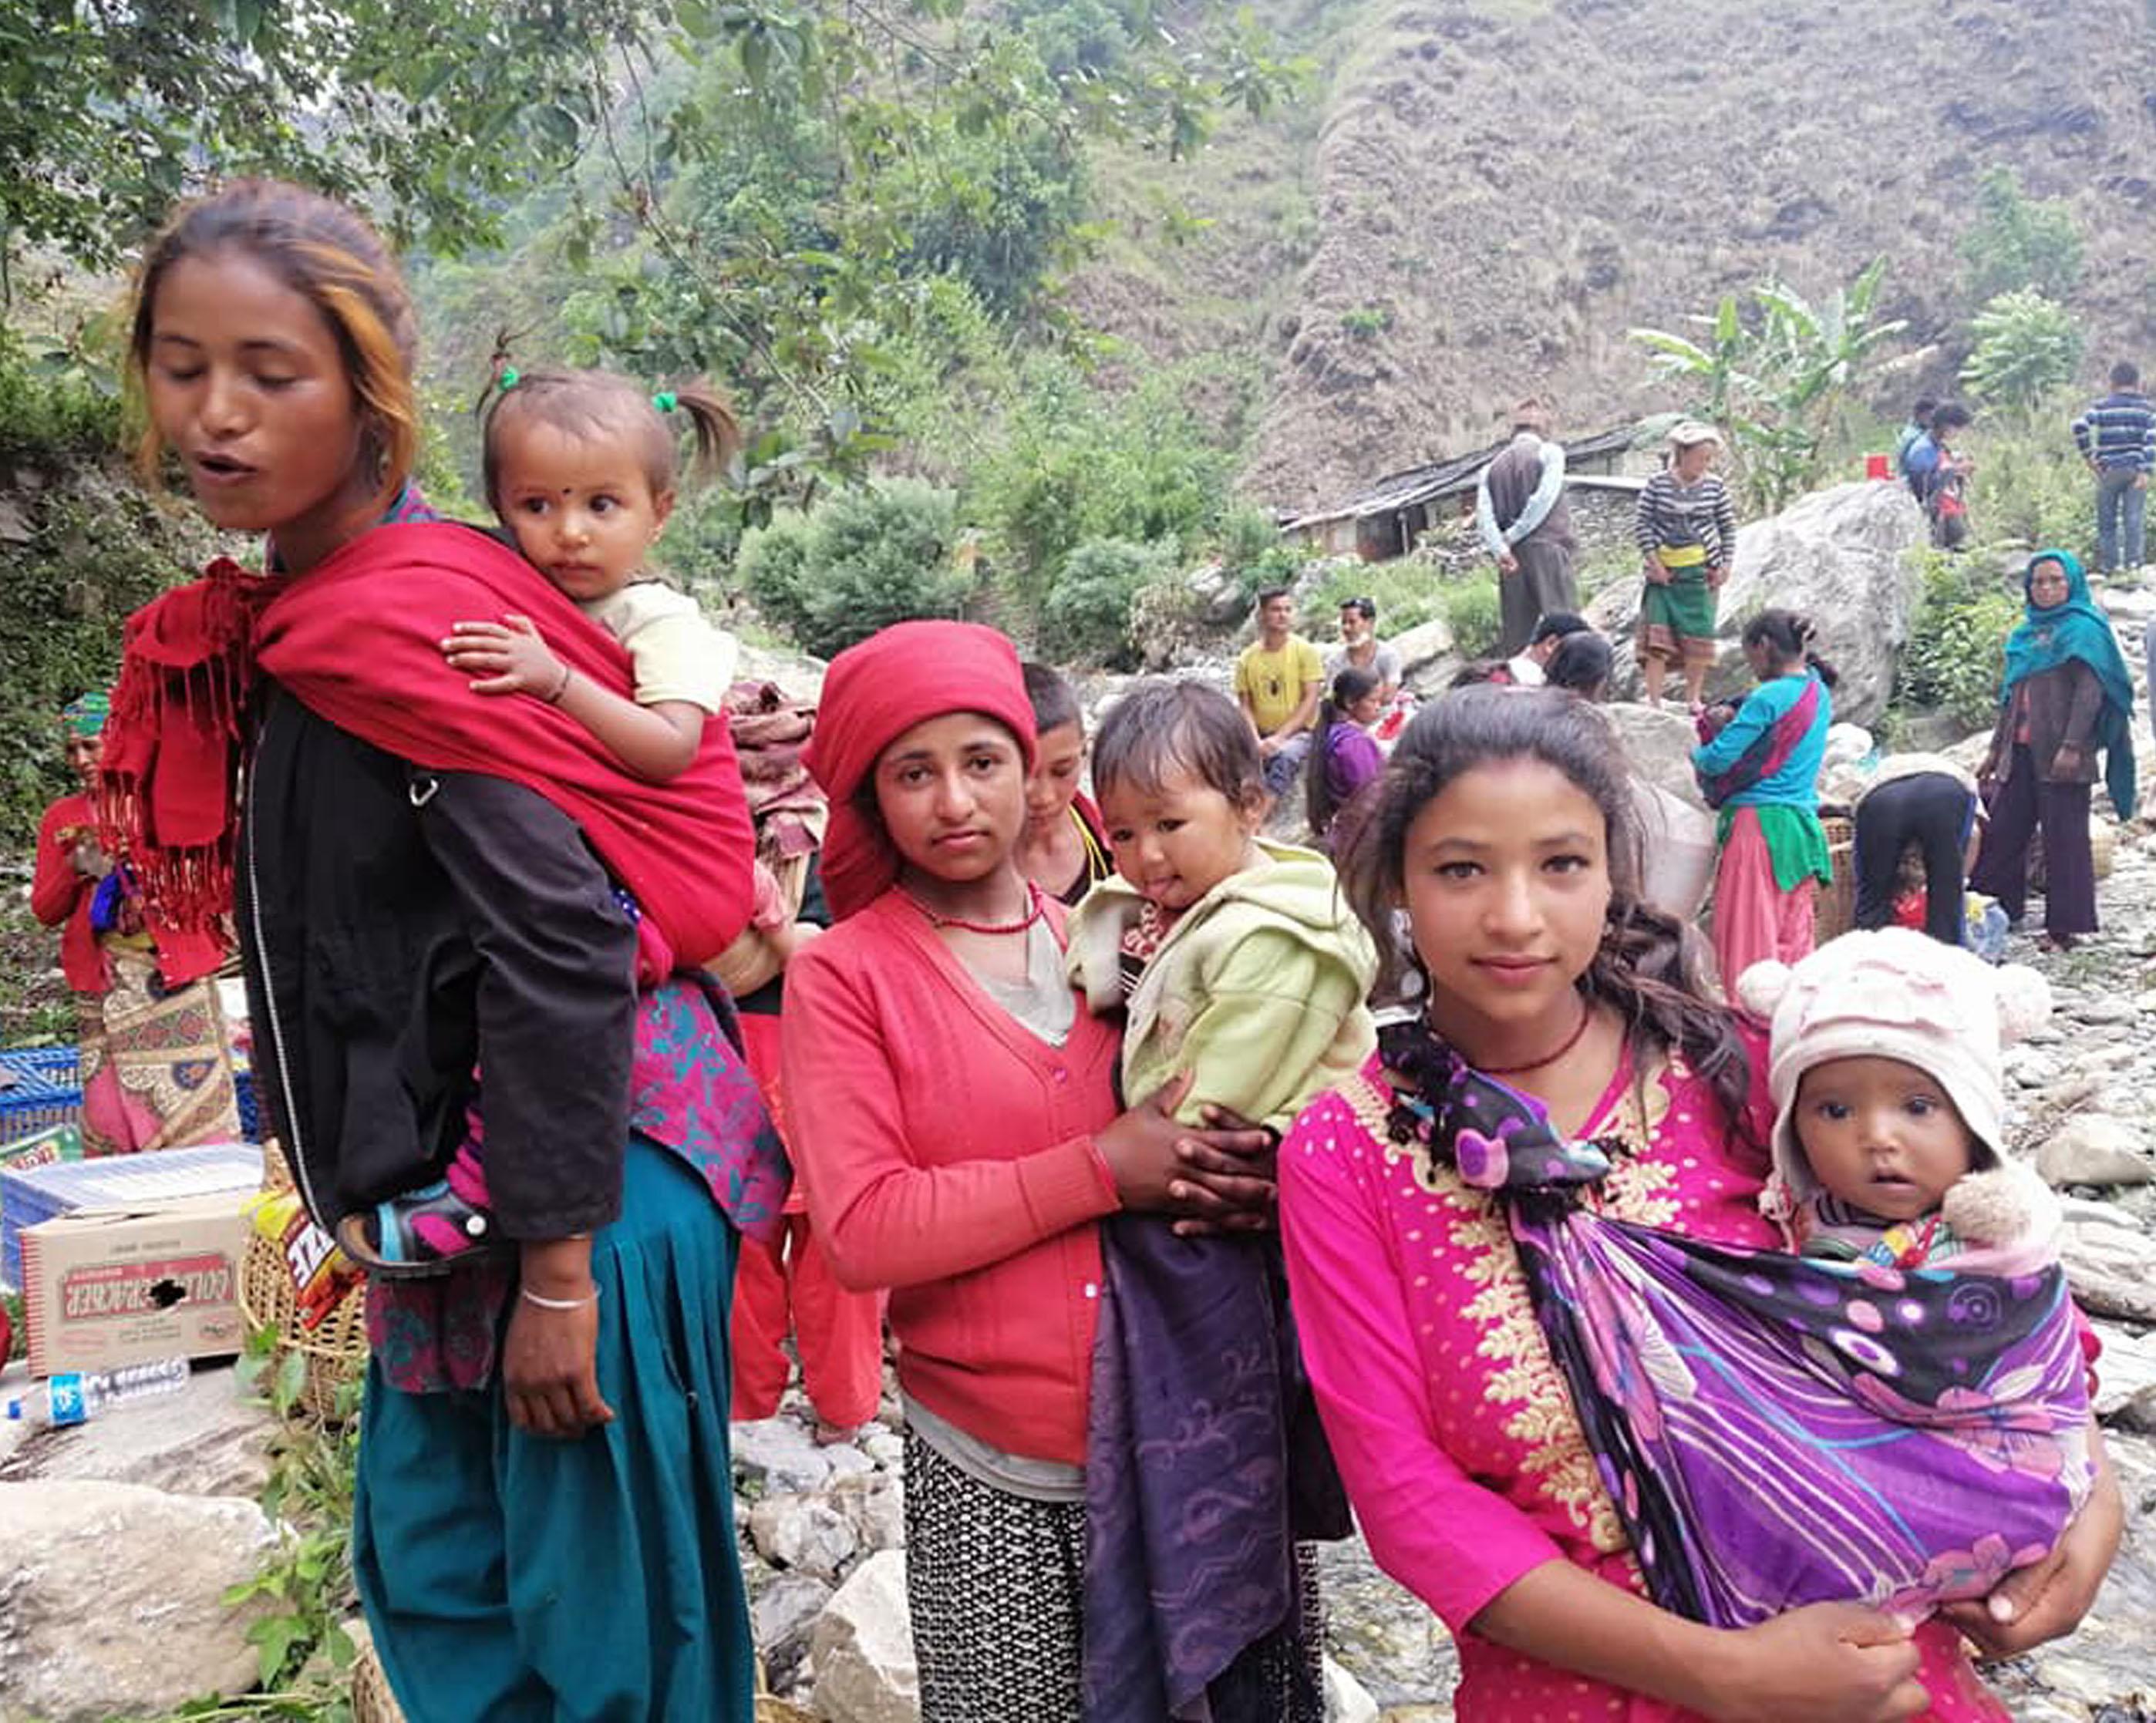 धौलागिरि गाउँपालिकाका कलिलै उमेरमा आमा बनेका स्थानीय  किशोरी । तस्बिरः रासस